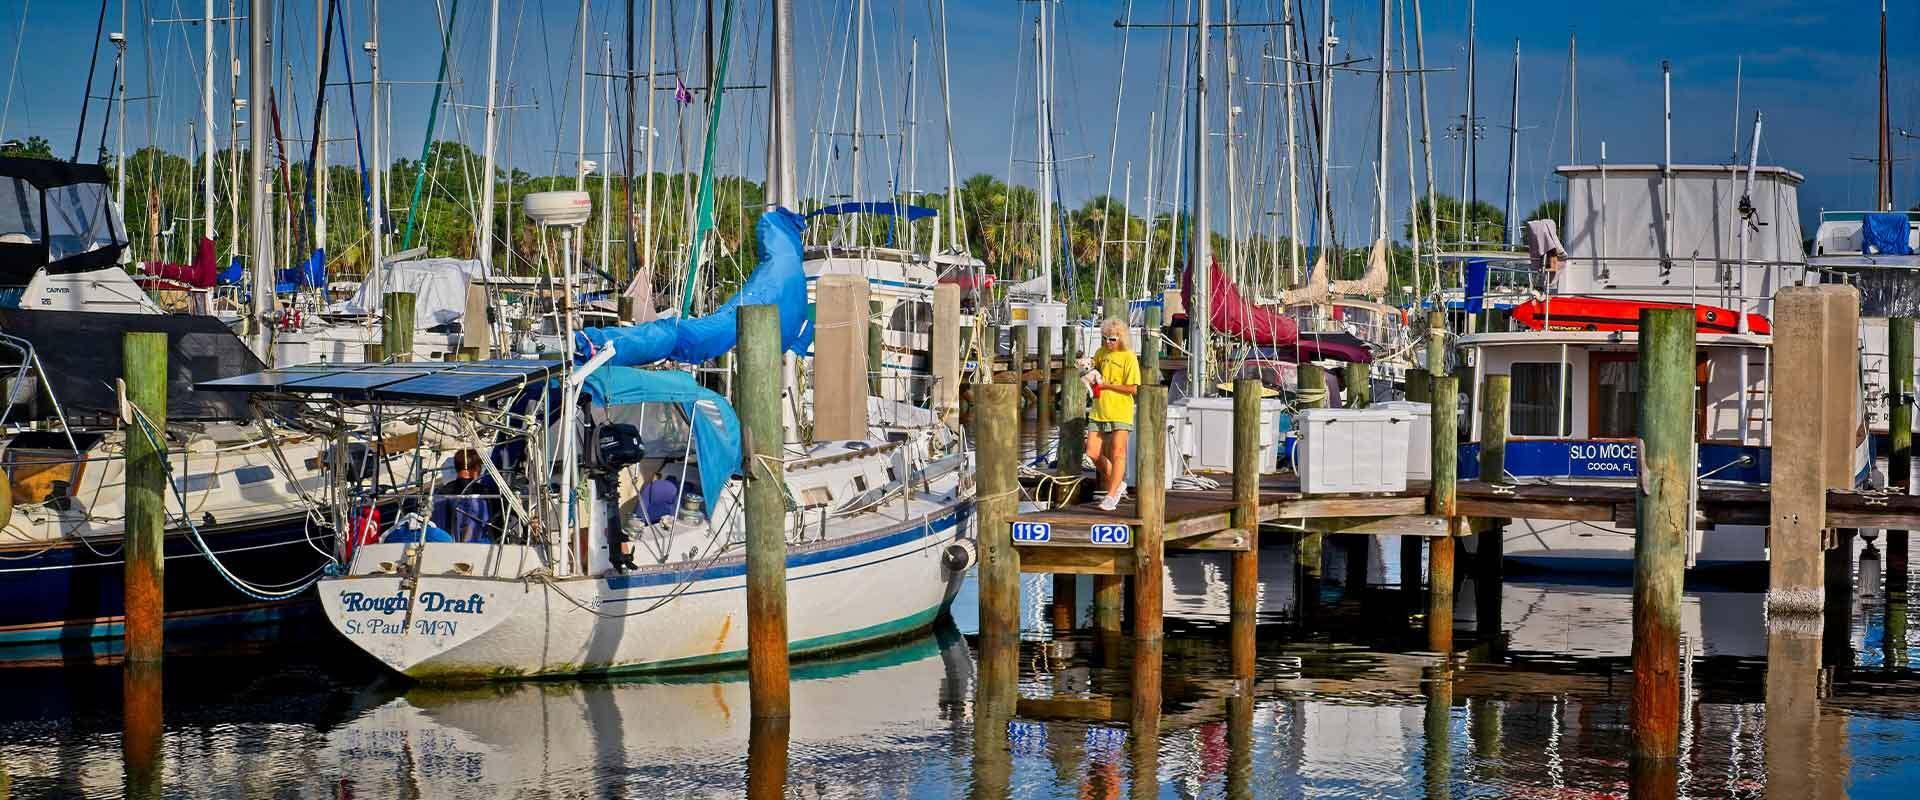 Titusville Marina